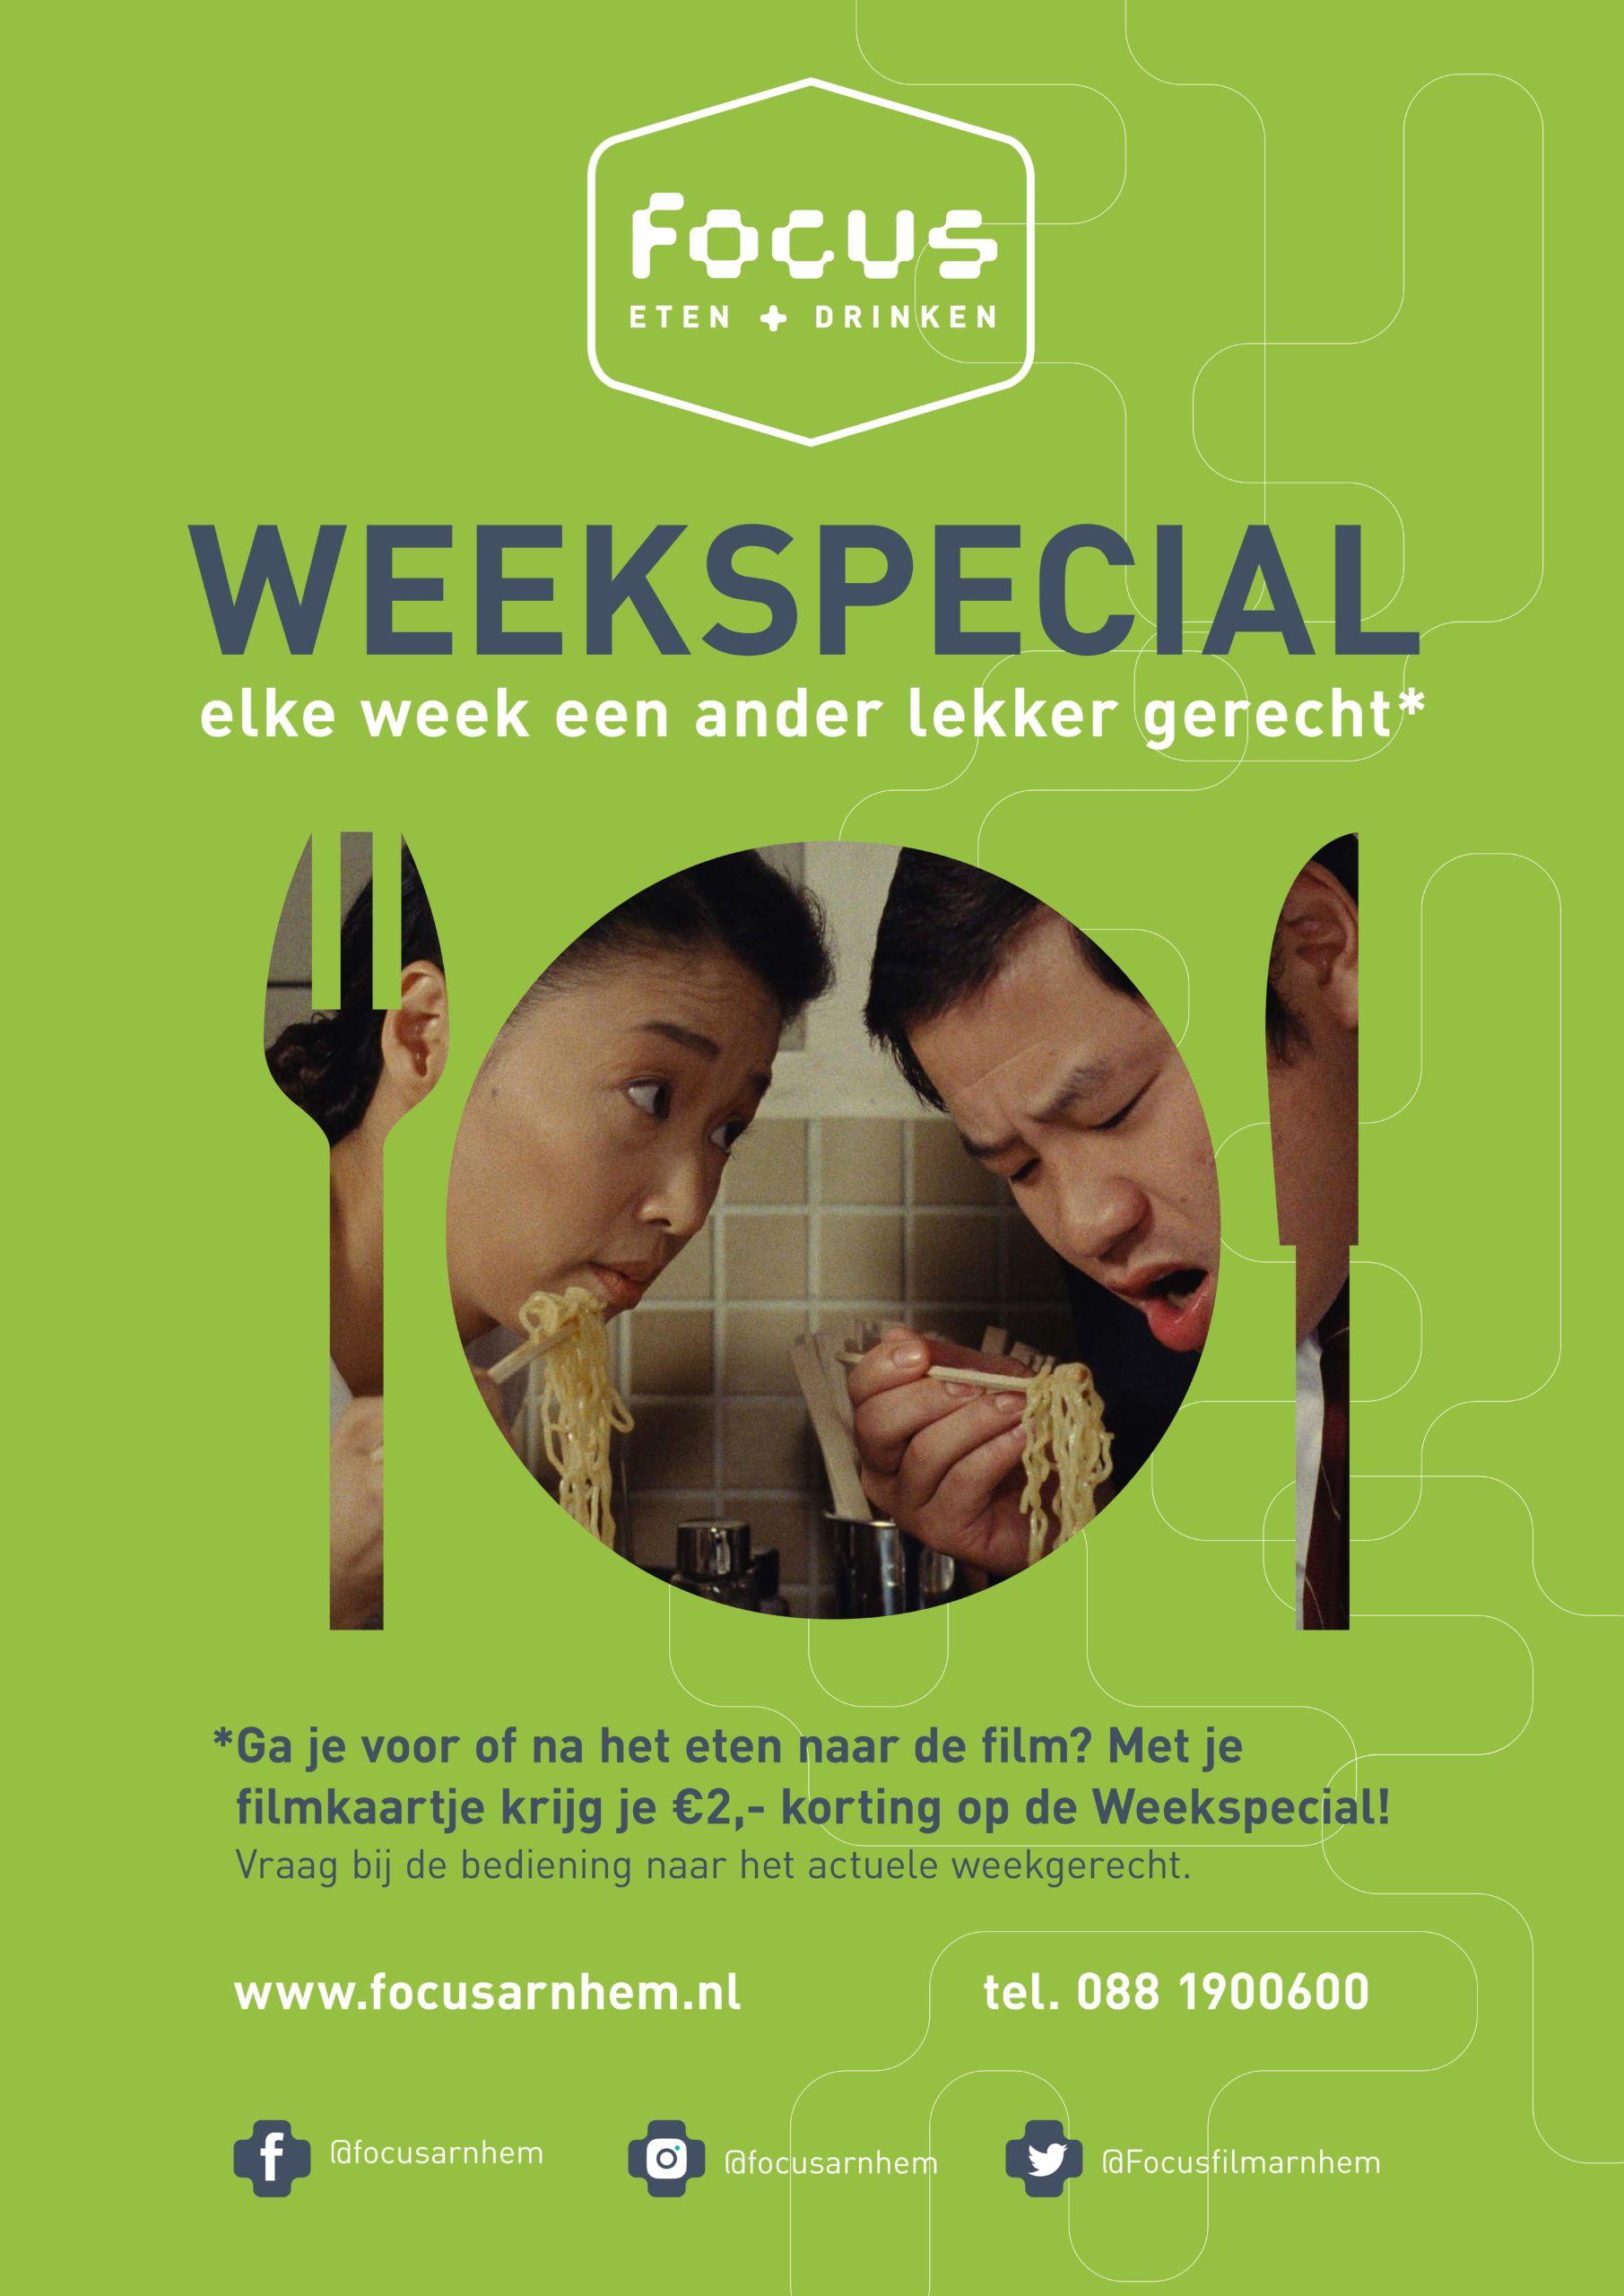 Weekspecial_Focus_EtenDrinken